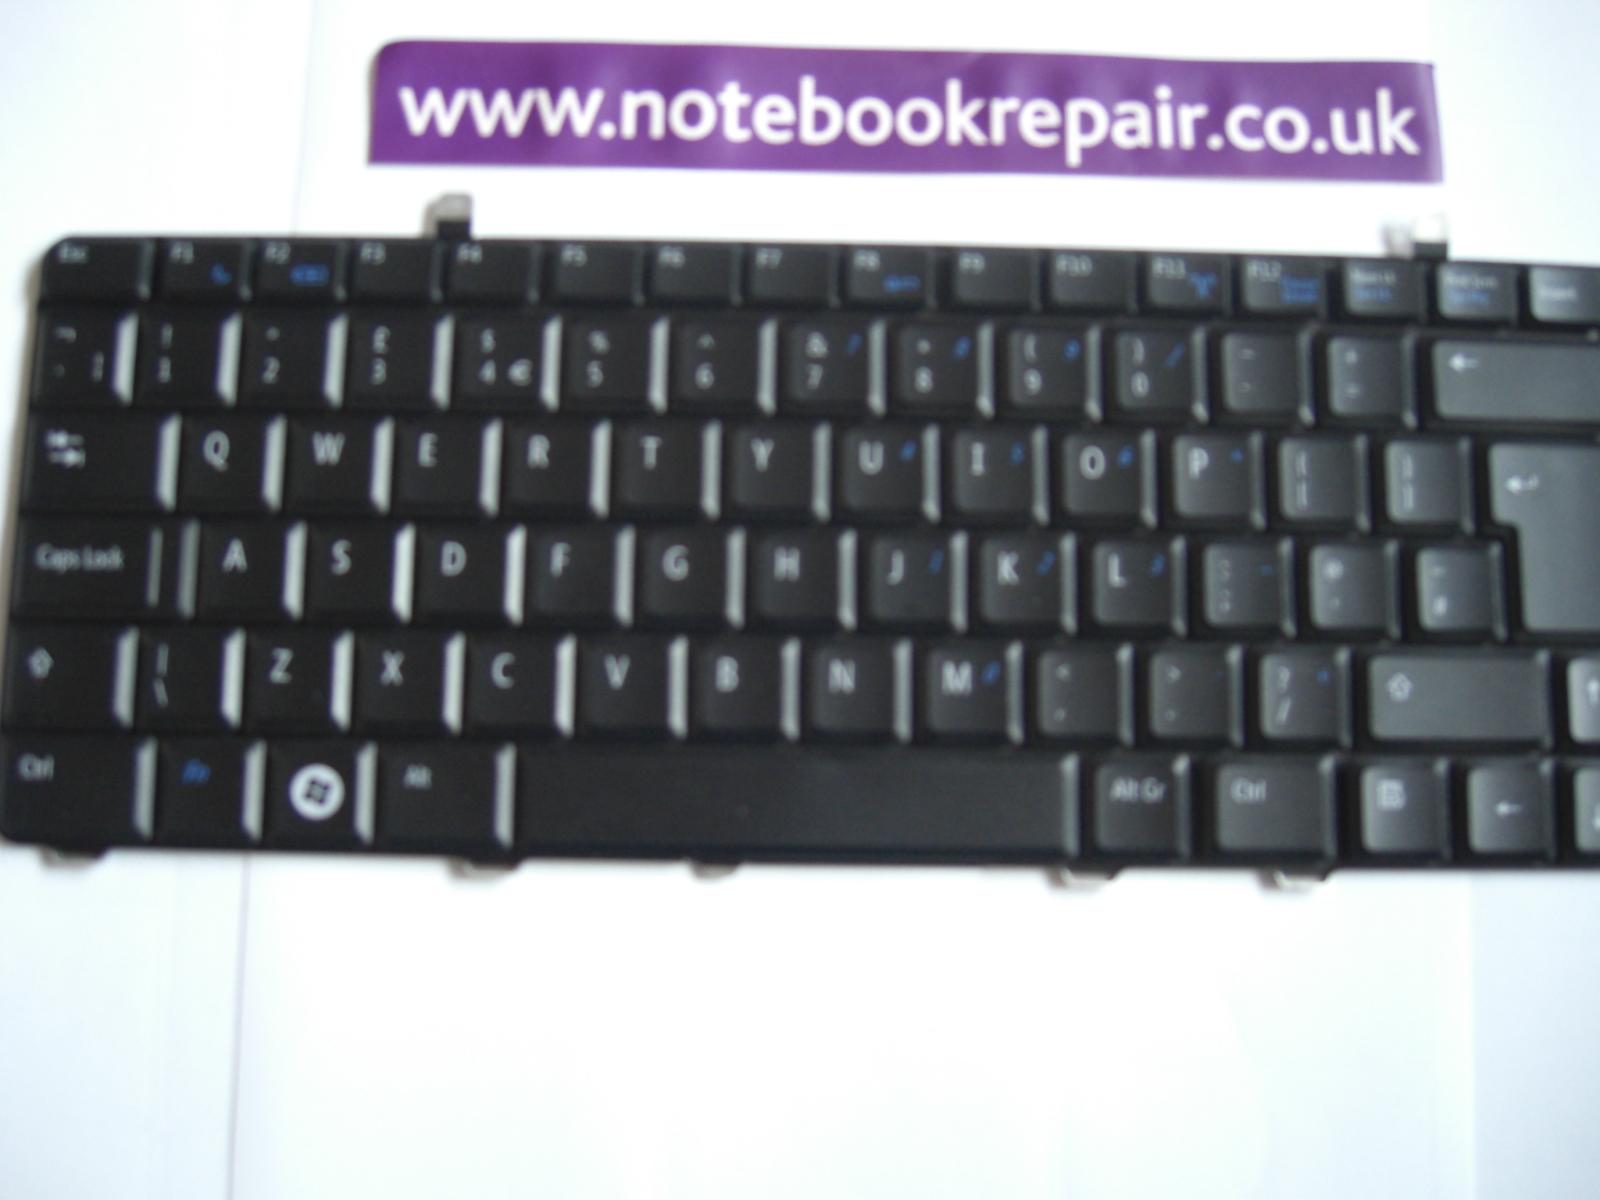 Vostro Pp37l Keyboard Dell Vostro 1015 Keyboard